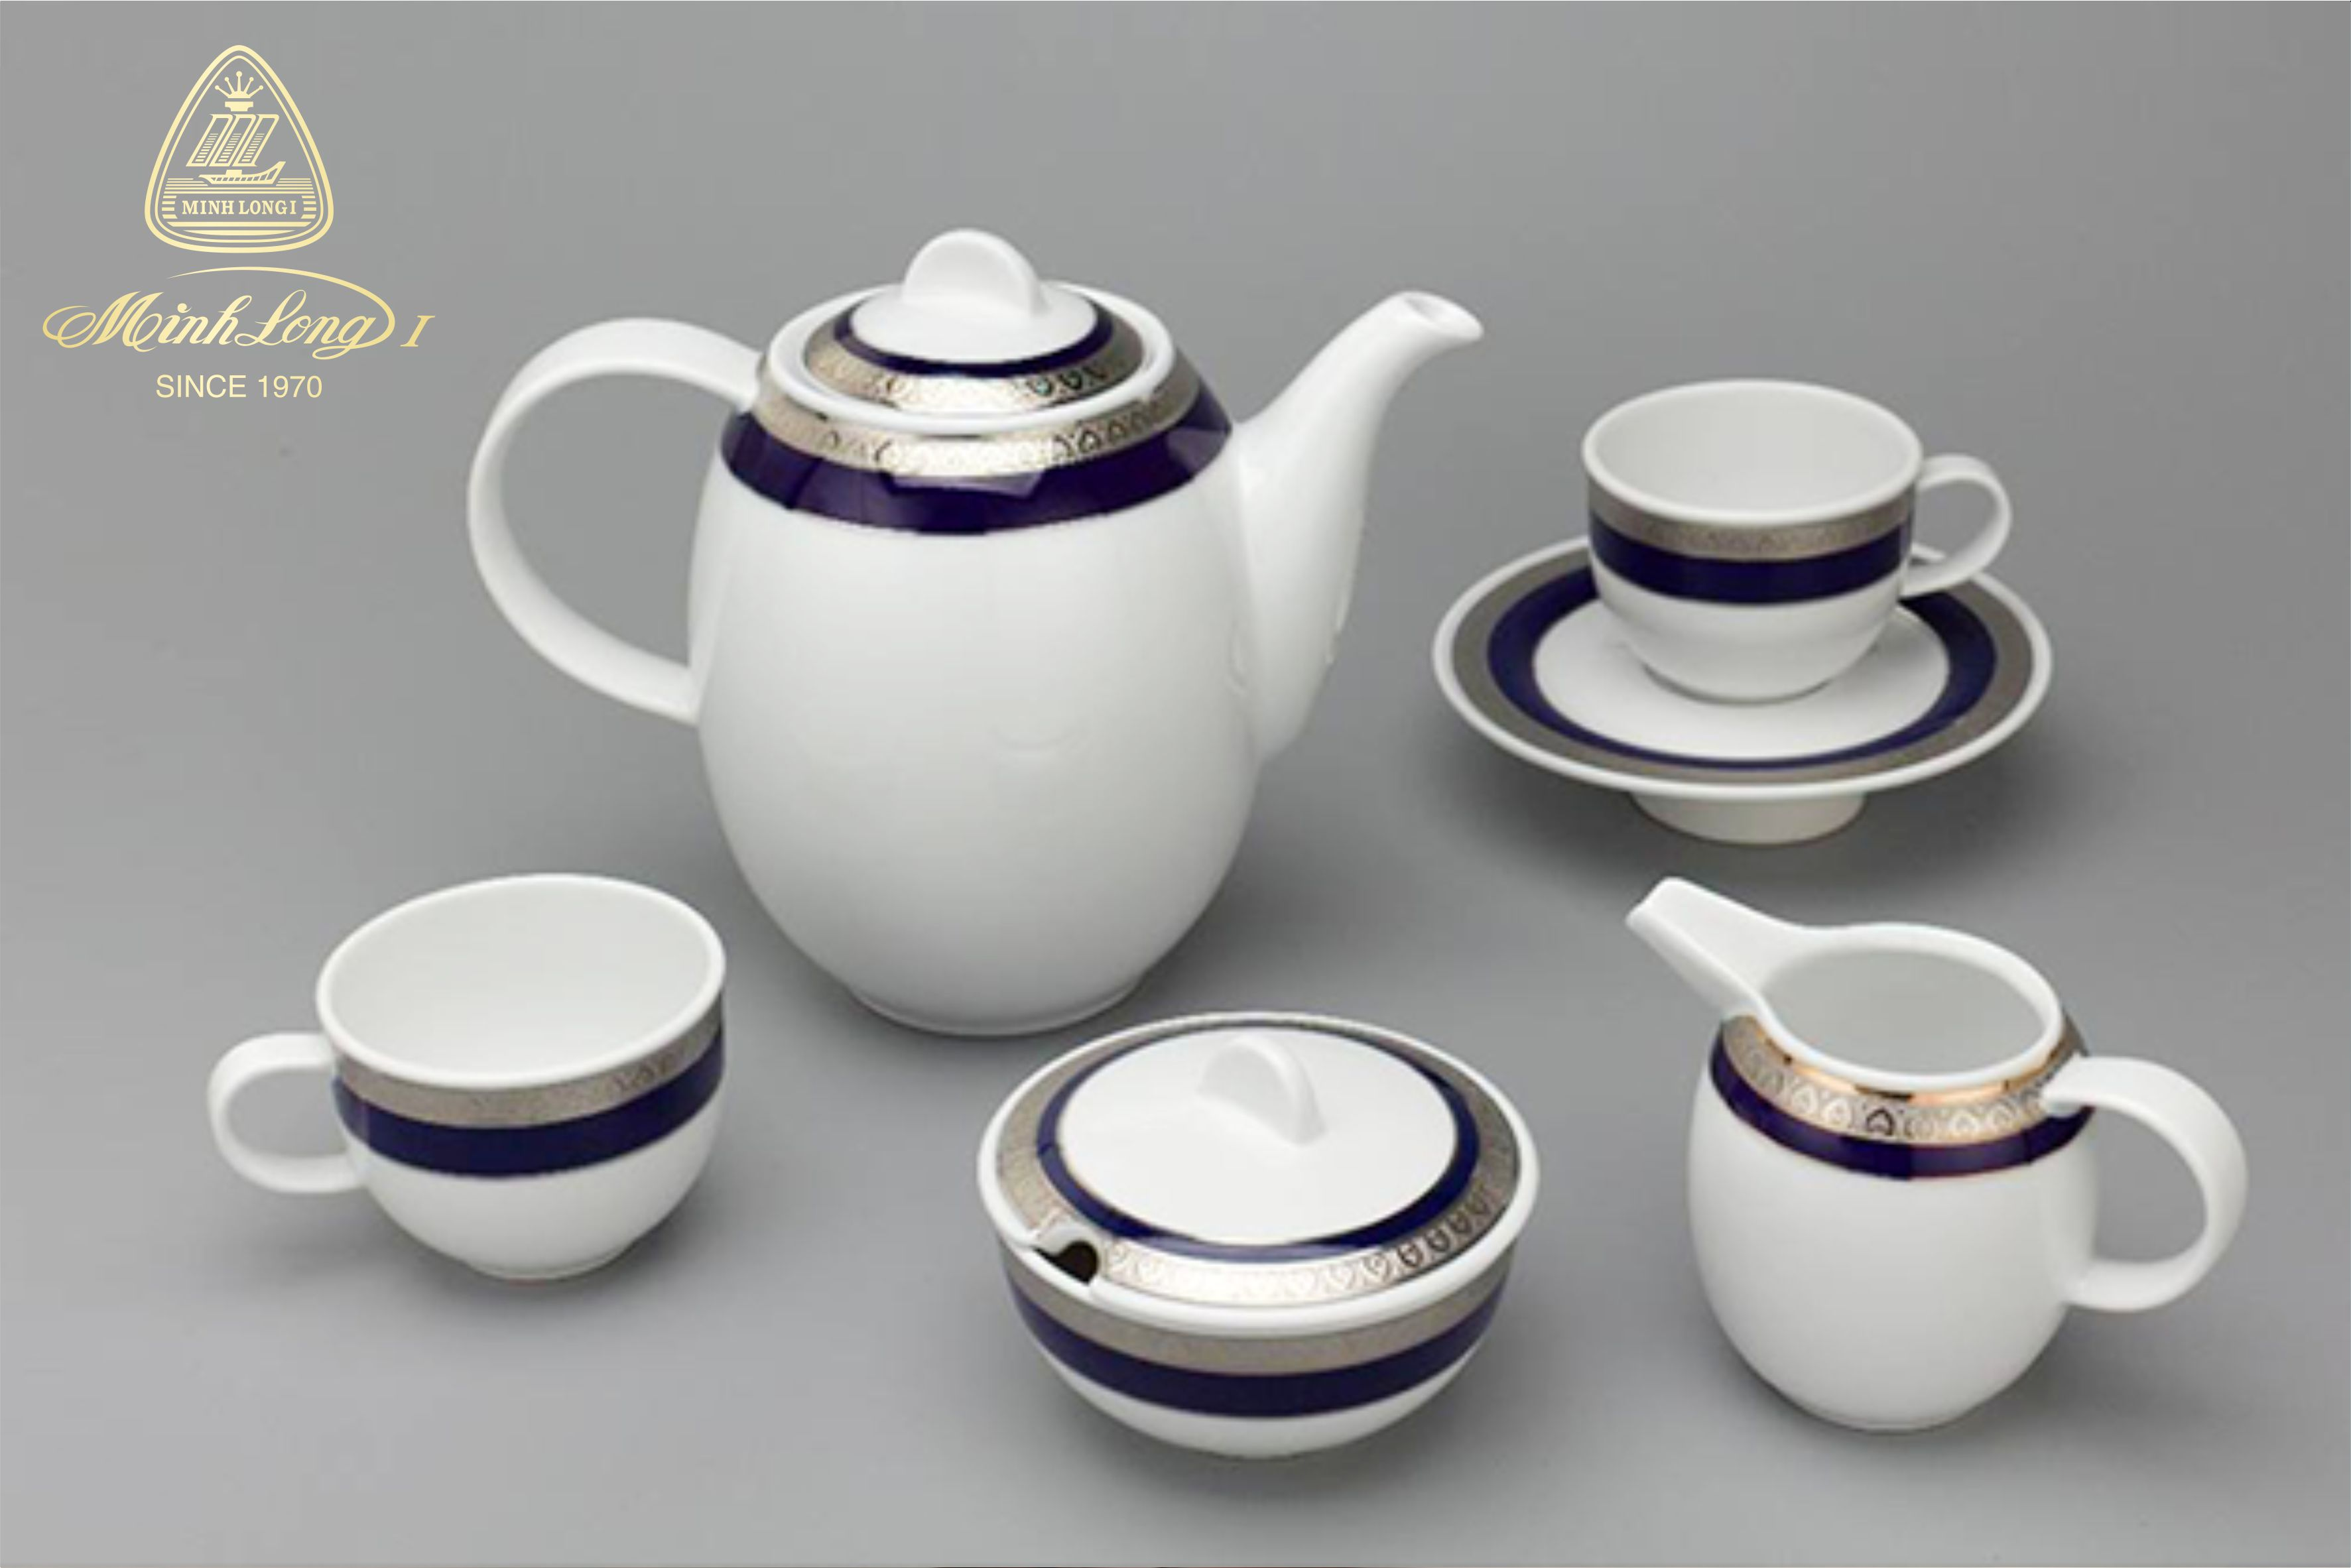 Bộ cà phê 1.3L Sago Thiên Tuế Xanh (Khắc nổi) 01130139203 Minh Long